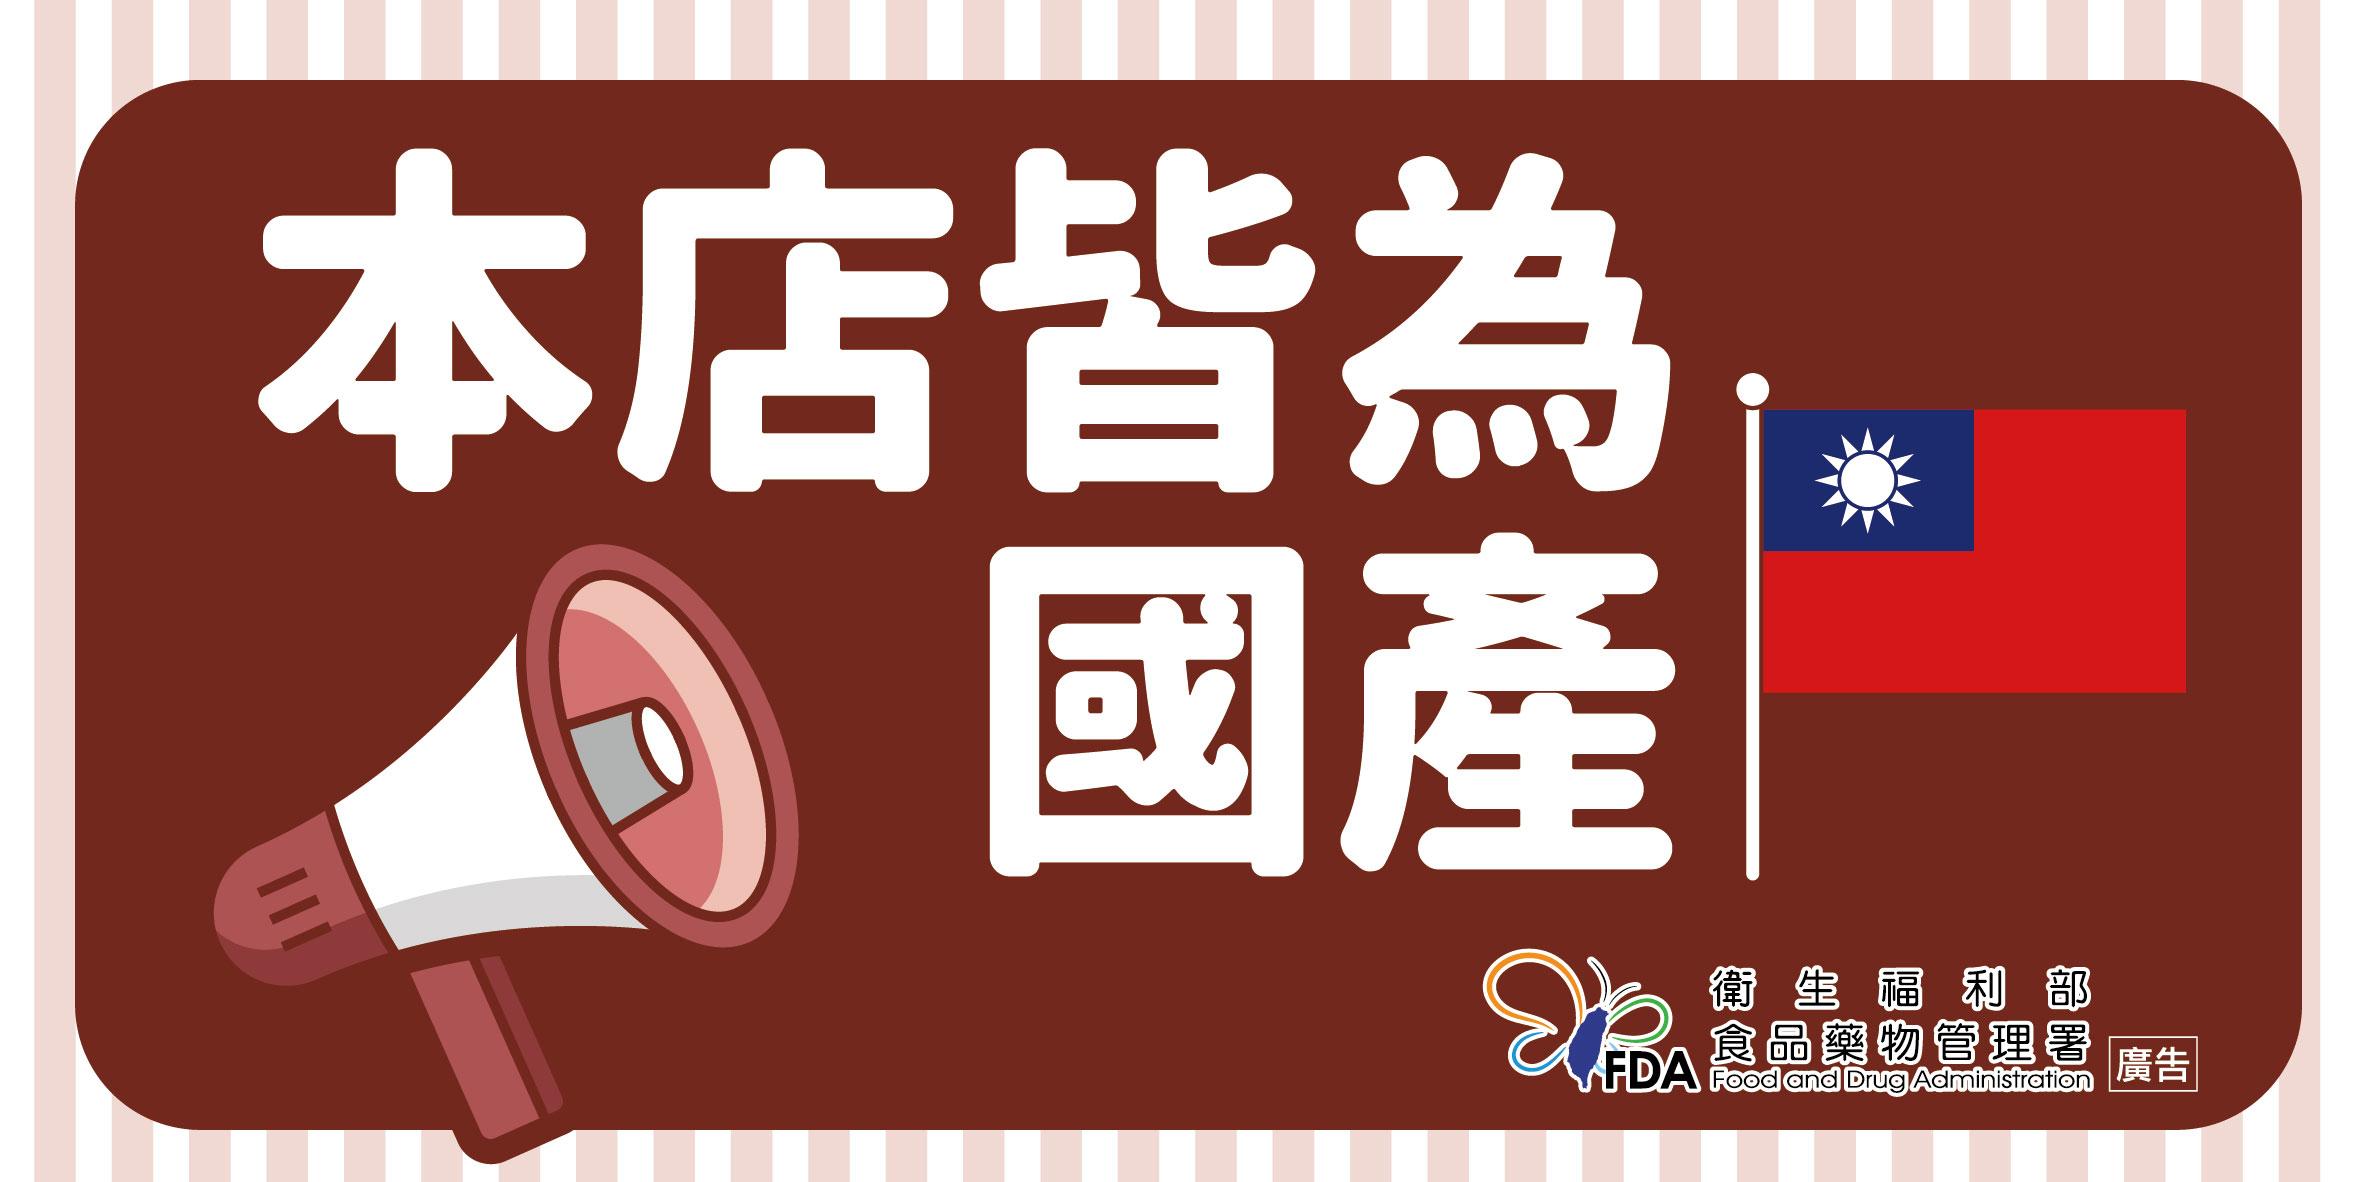 豬肉原料原產地標示規定宣導-標籤3